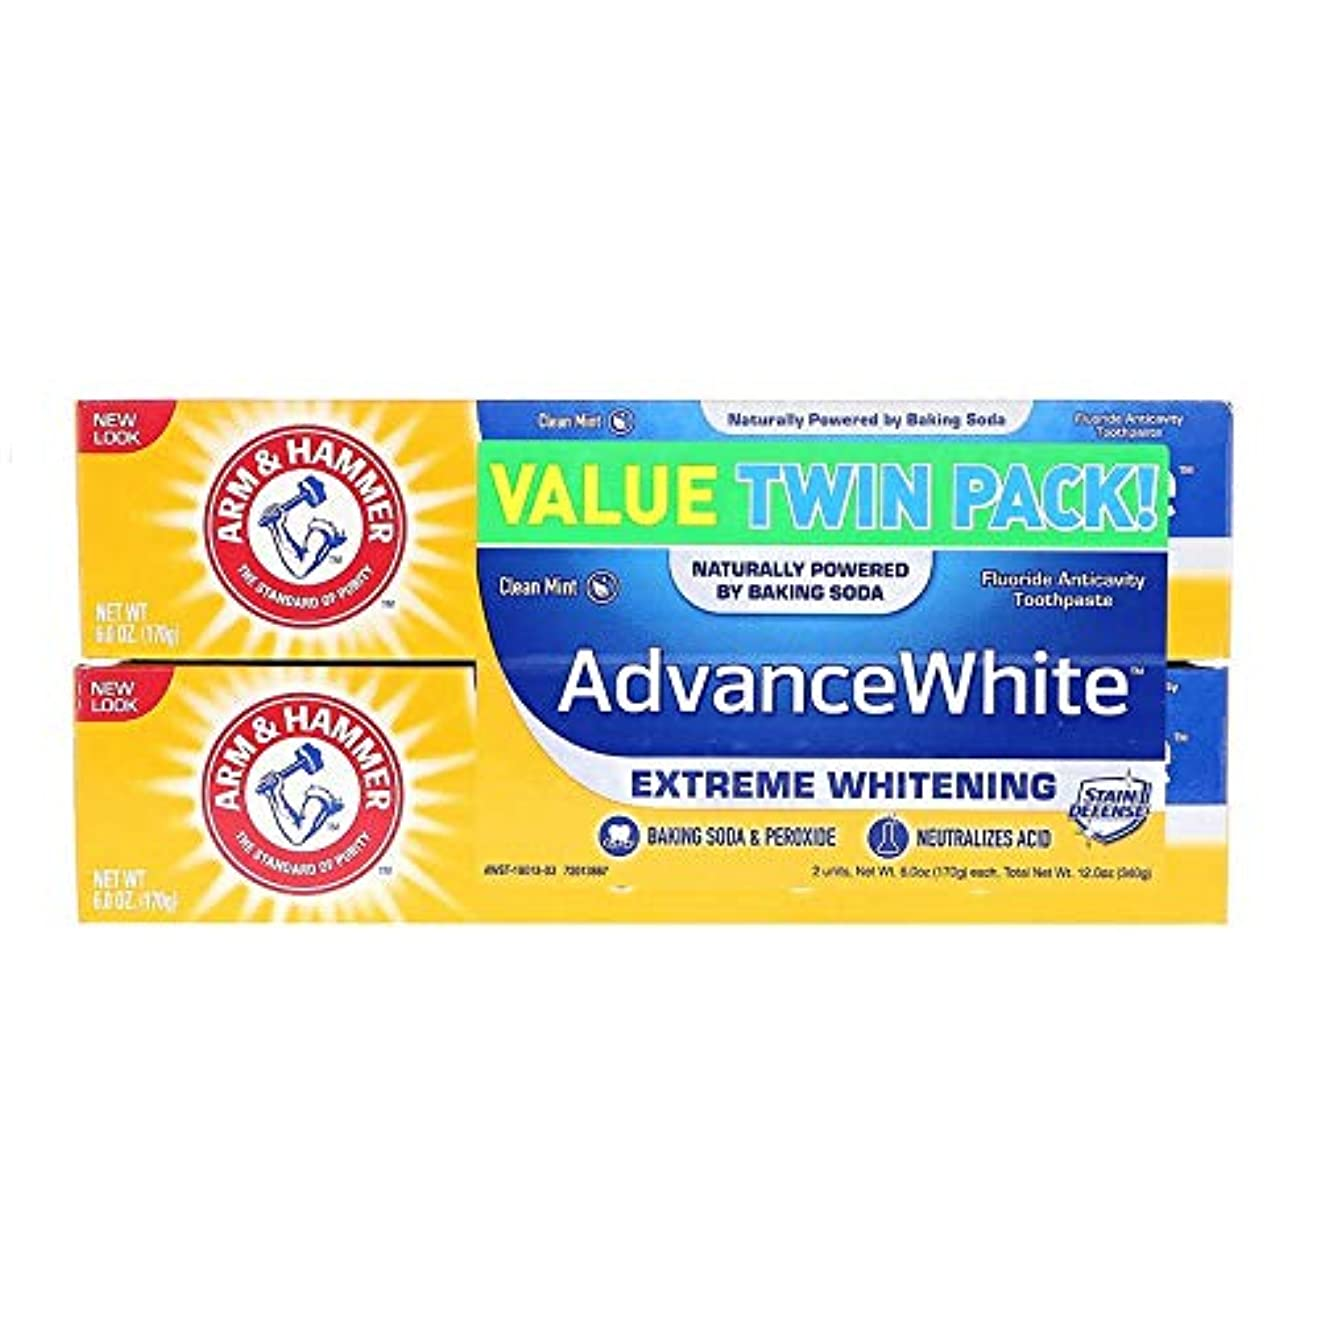 主張必要性分類Arm & Hammer アーム&ハマー アドバンス ホワイト 歯磨き粉 8個パック Toothpaste with Baking Soda & Peroxide